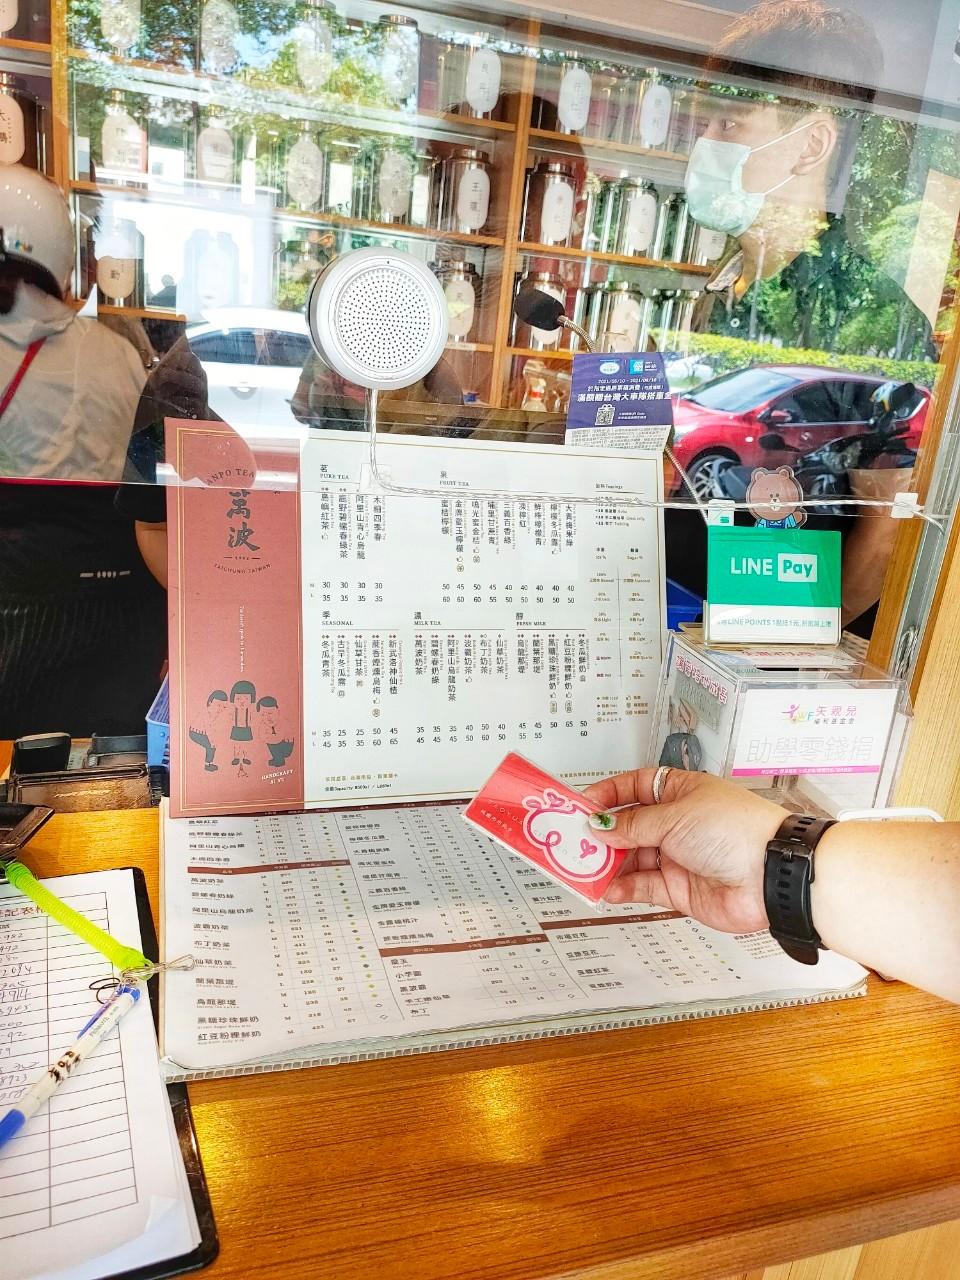 中壢美食,中壢SOGO,防疫套餐,金色三麥,yoxi,桃園市民卡,APP,萬波,折價,外帶66折,抽獎,